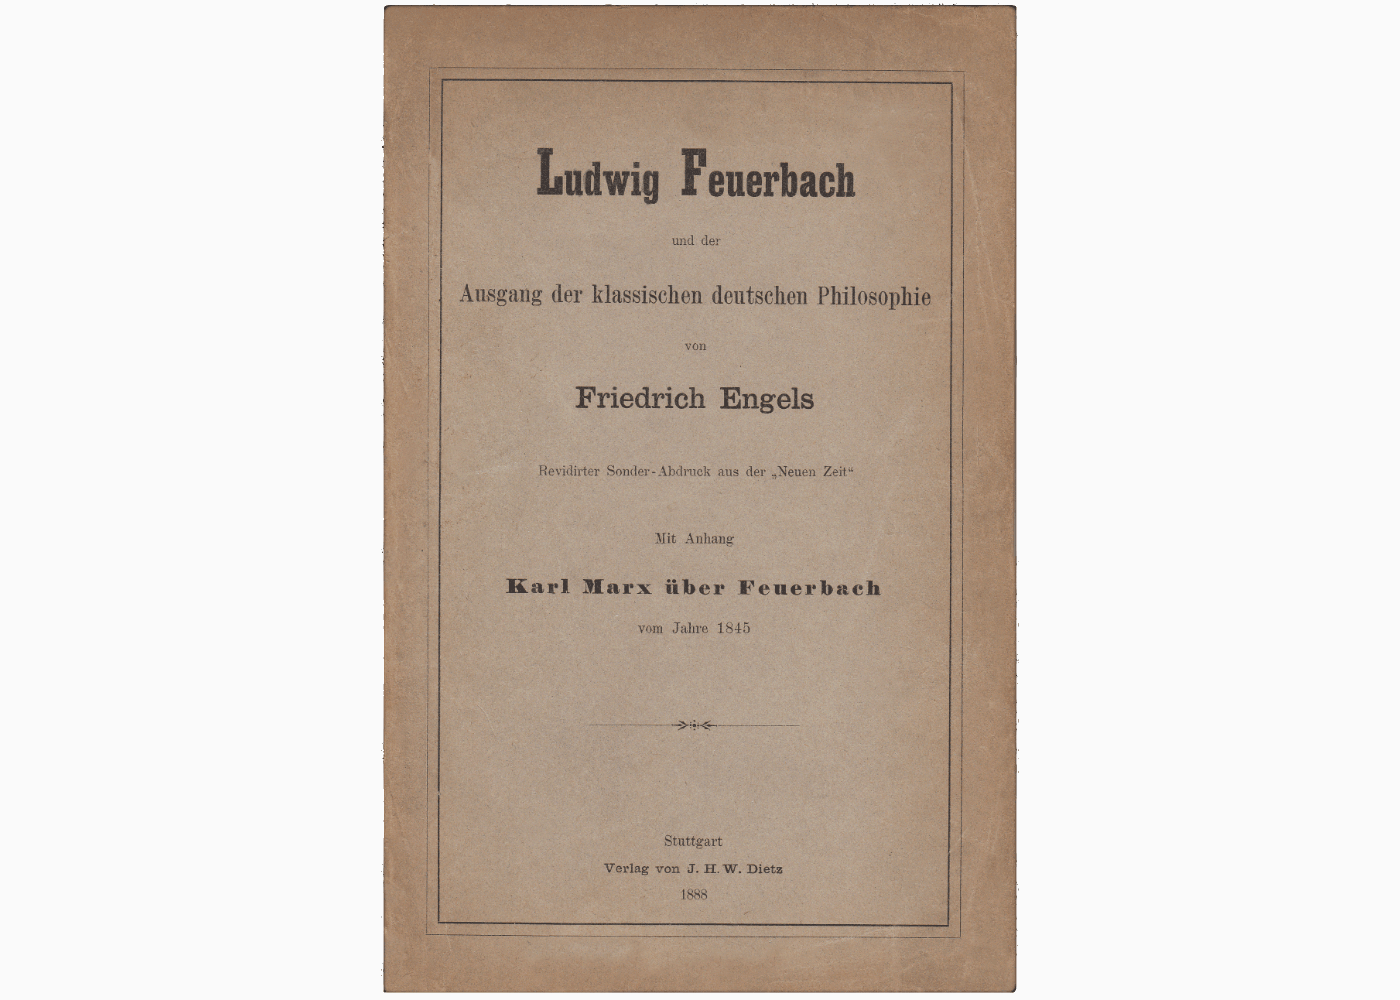 Engels Marx Ludwig Feuerbach Cover